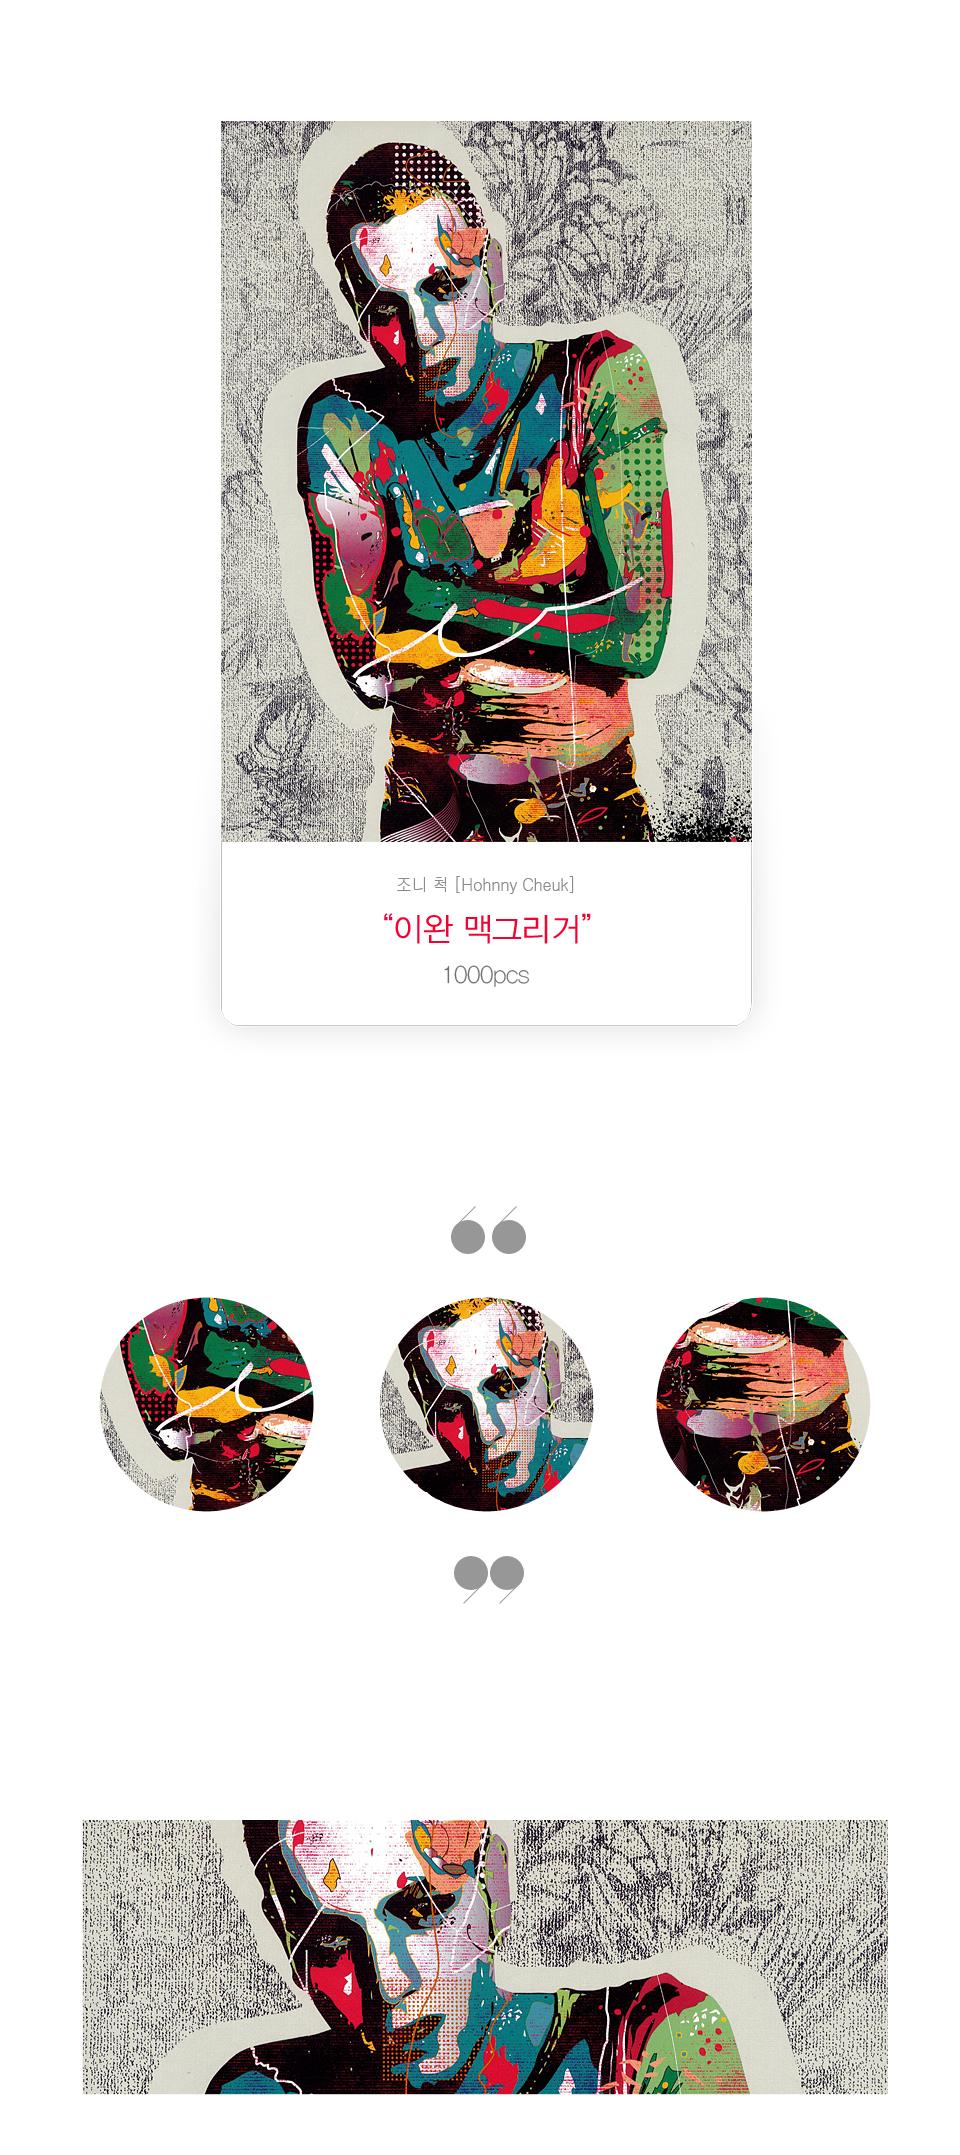 1000조각 직소퍼즐 - 이완 맥그리거 (HE29685) - 퍼즐갤러리, 35,000원, 조각/퍼즐, 명화 직소퍼즐